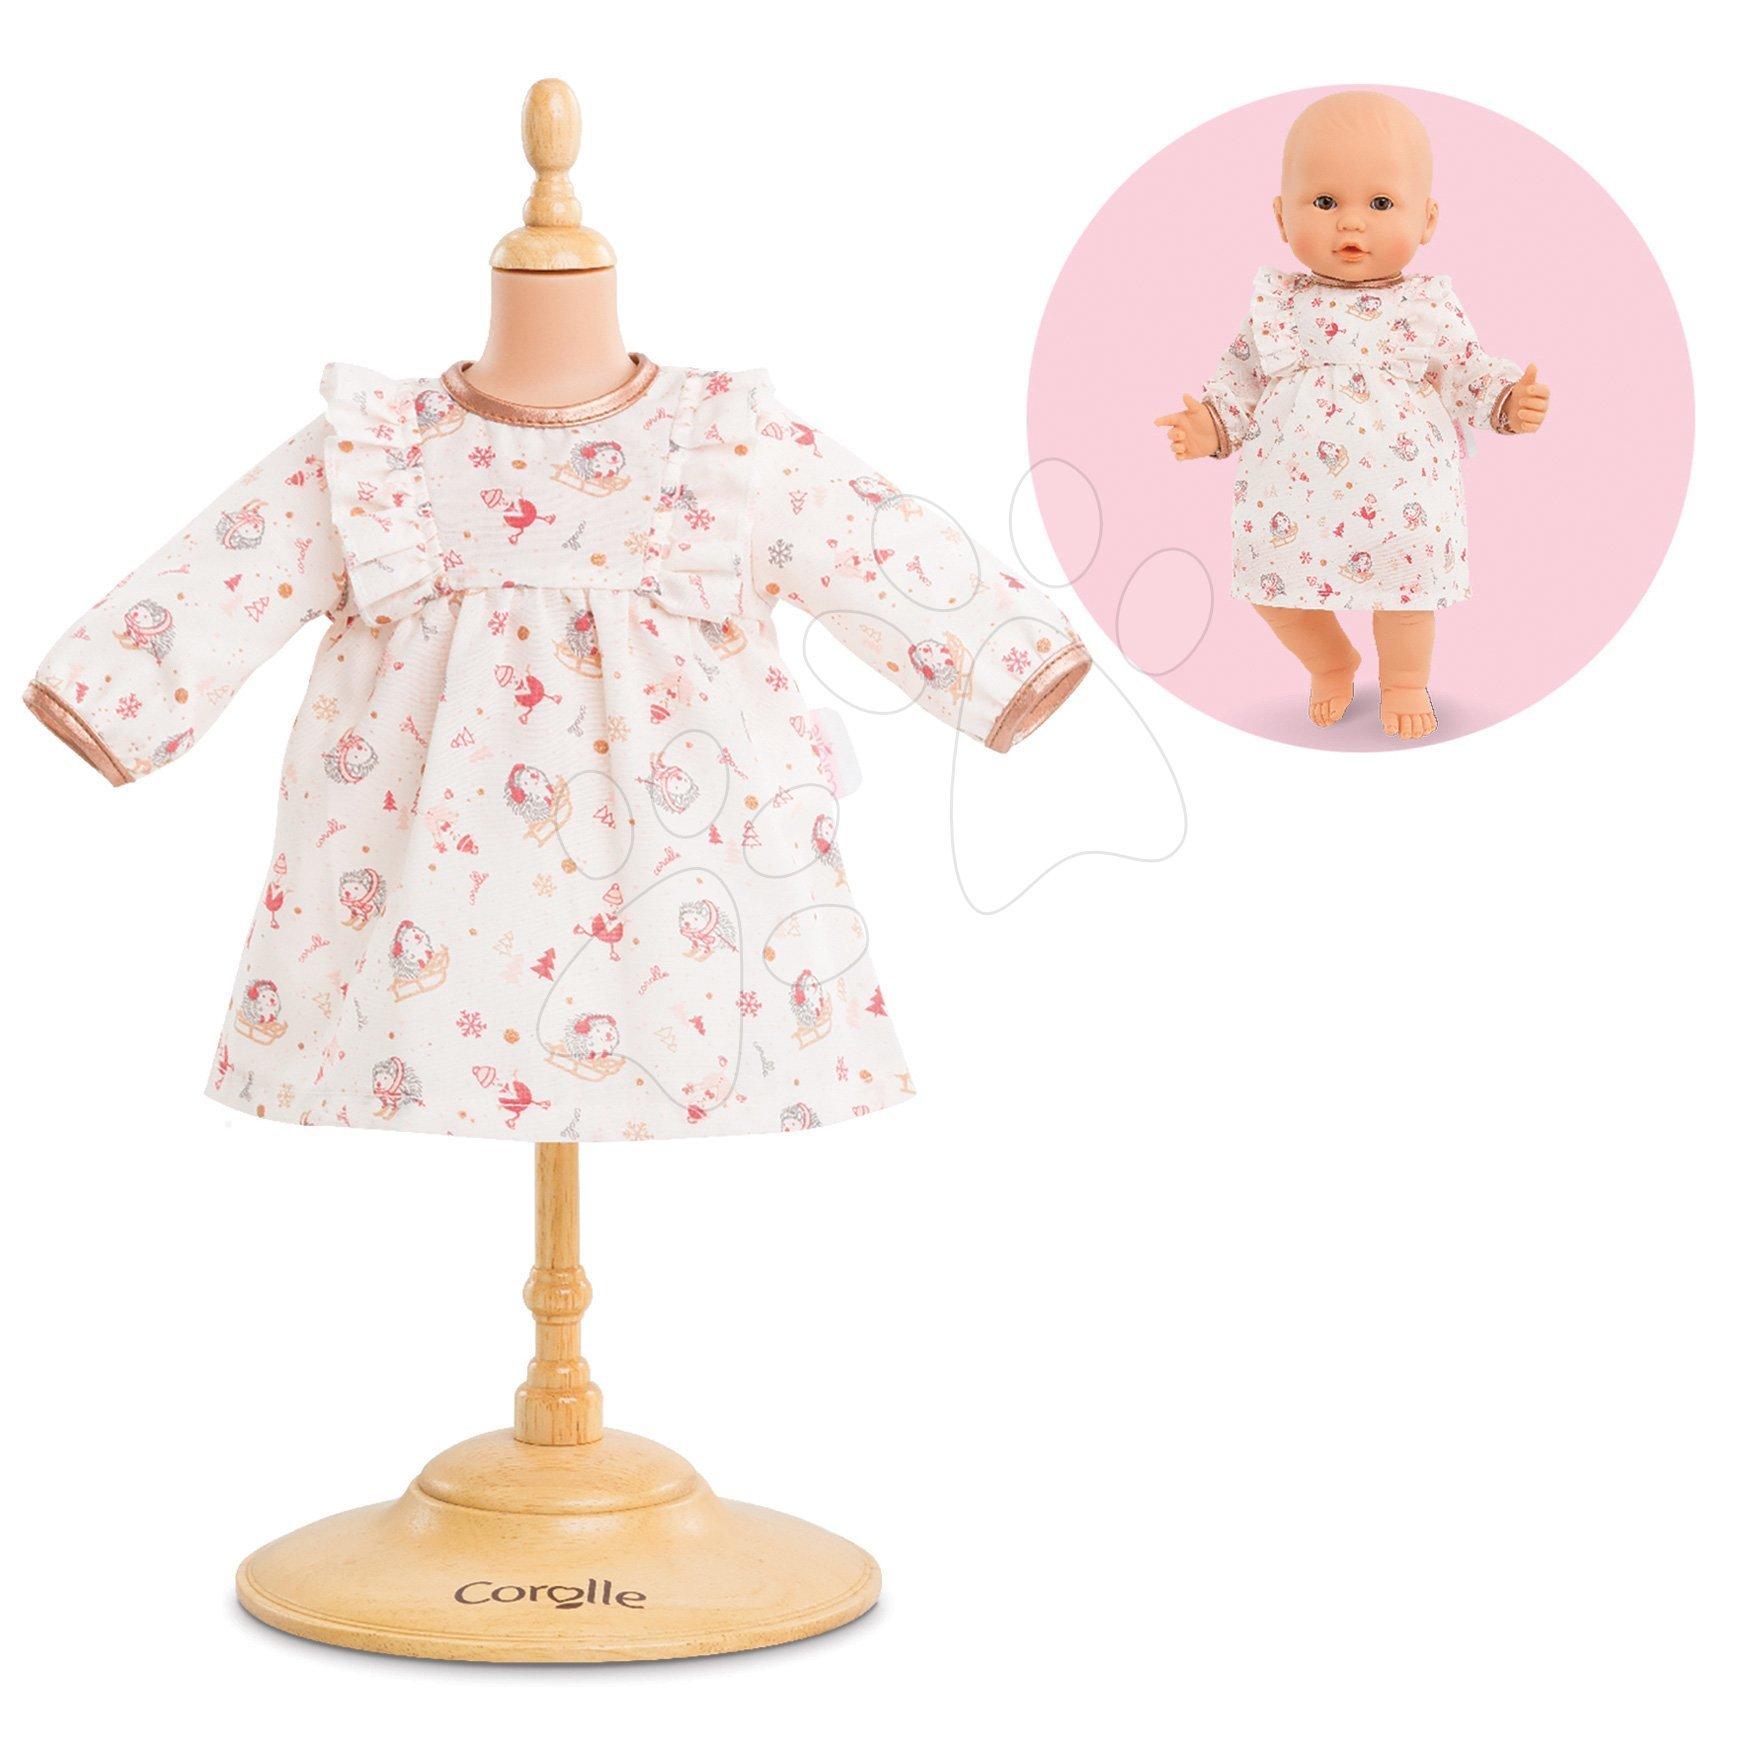 Oblečenie Dress-Enchanted Winter Mon Grand Poupon Corolle pre 36 cm bábiku od 24 mes